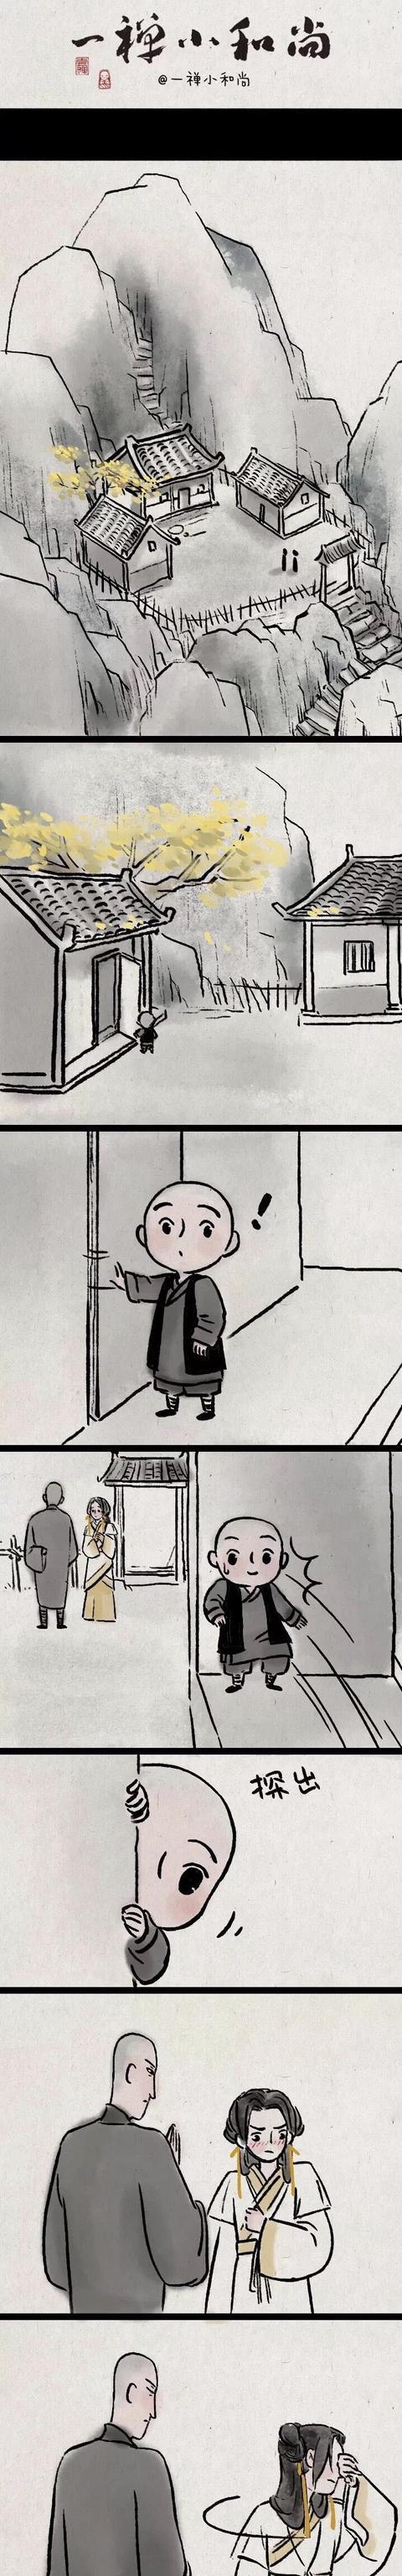 小和尚漫画,「漫画-小和尚」自难忘不相忘,只求不负如来不负卿